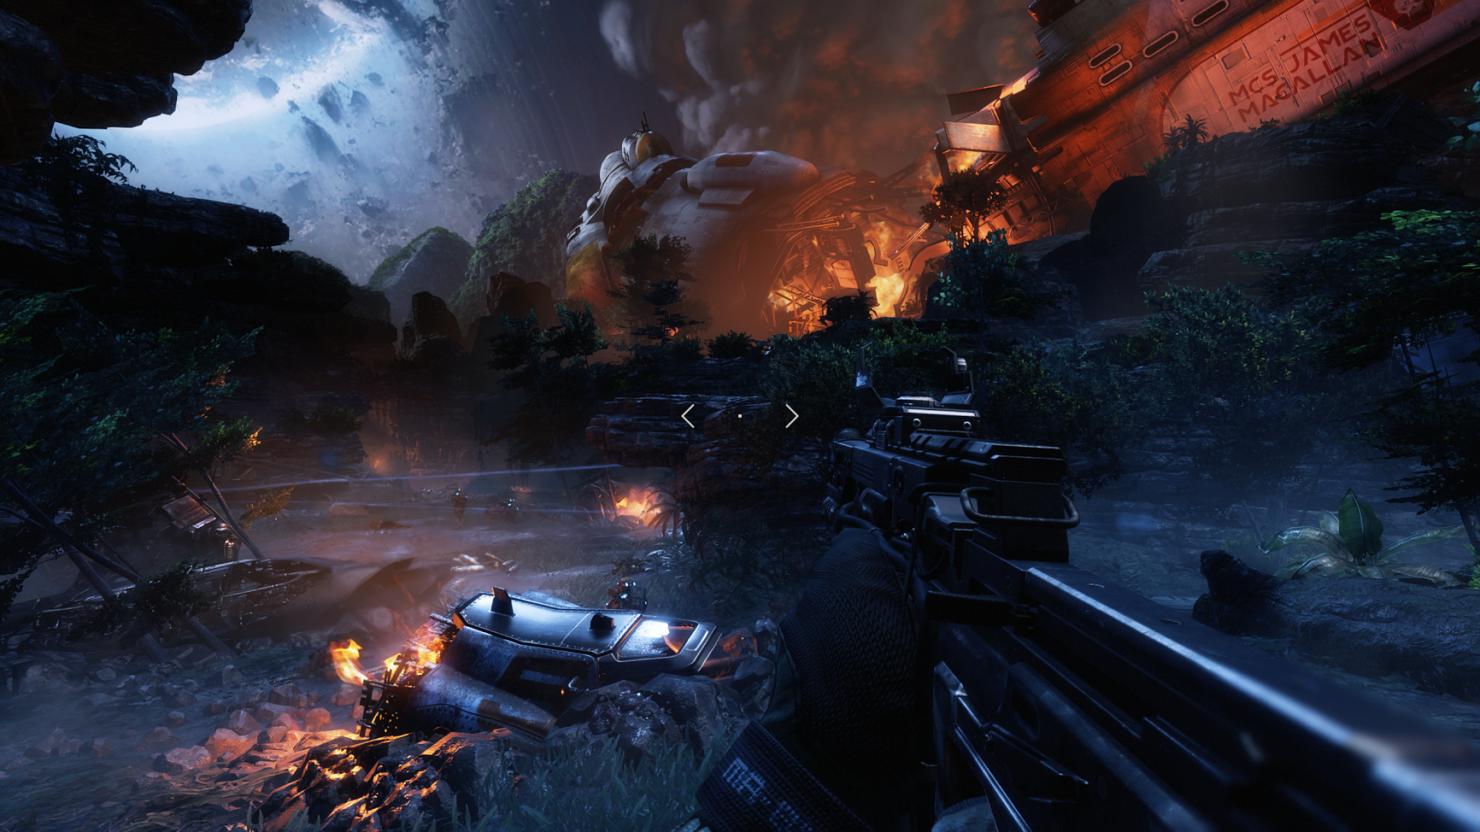 Titanfall 2 Xbox One X patch